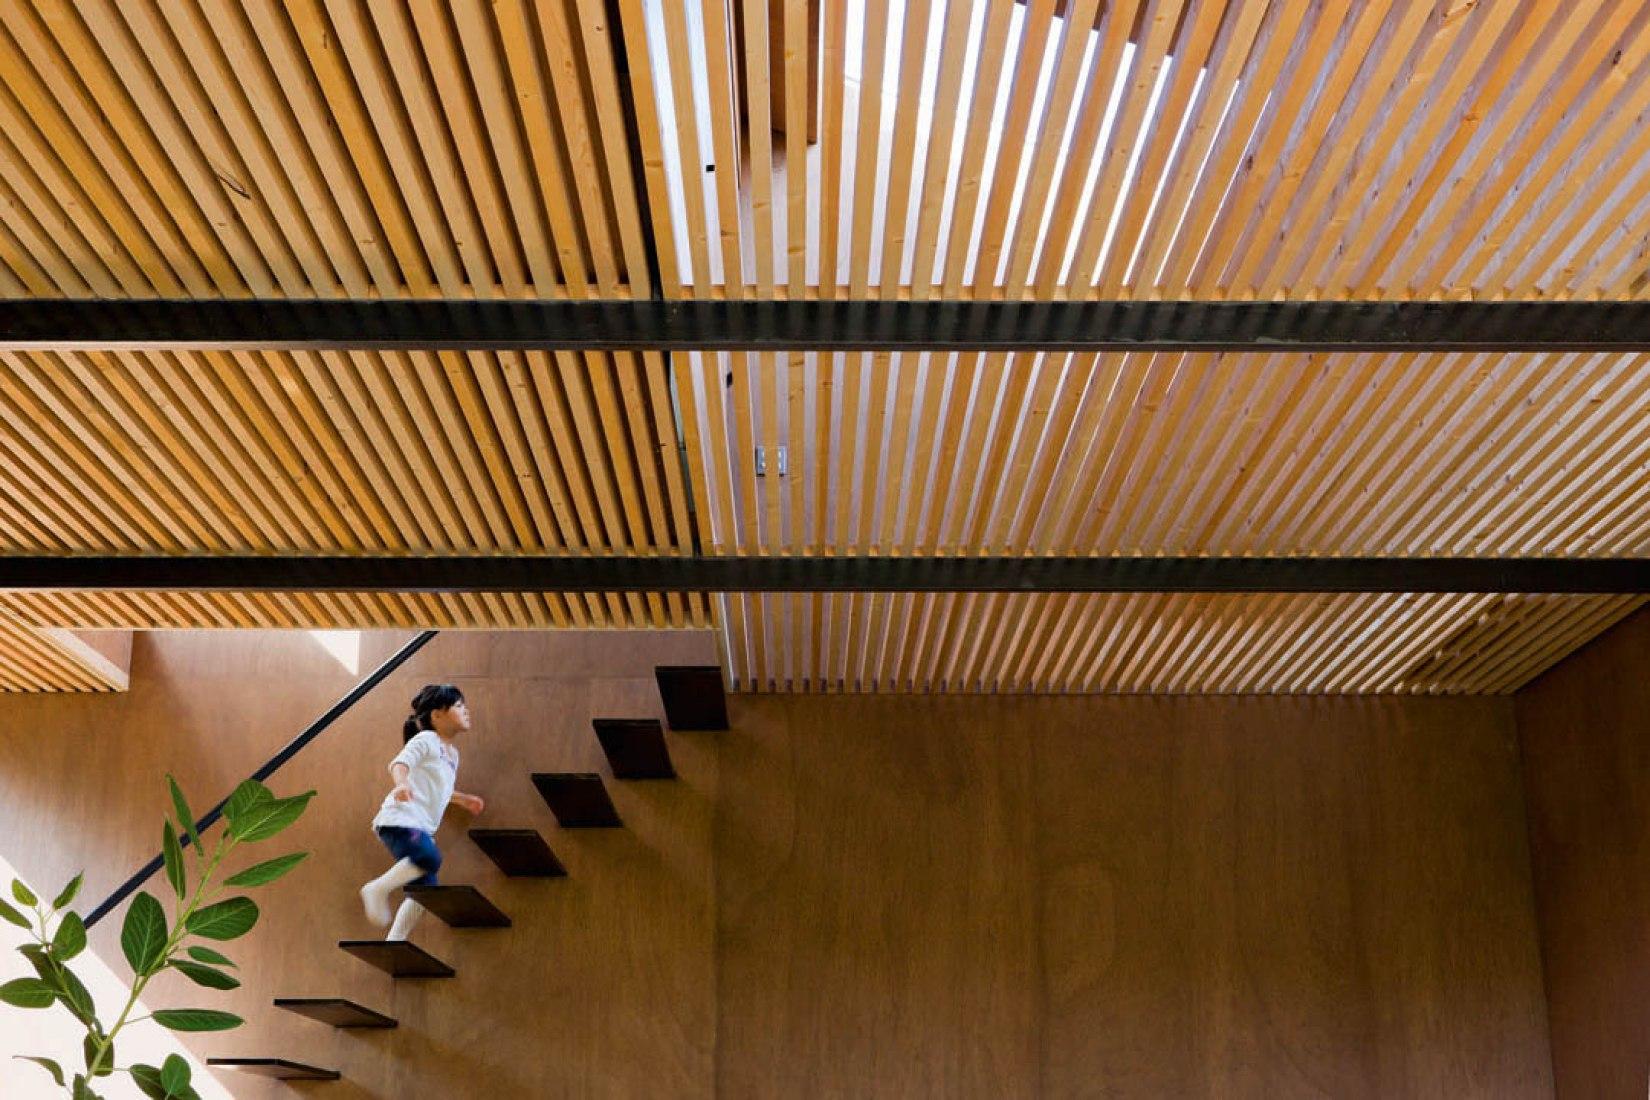 Go Hasegawa, House in Komazawa, Tokyo, Japan. Photograph © Iwan Baan. TASCHEN.